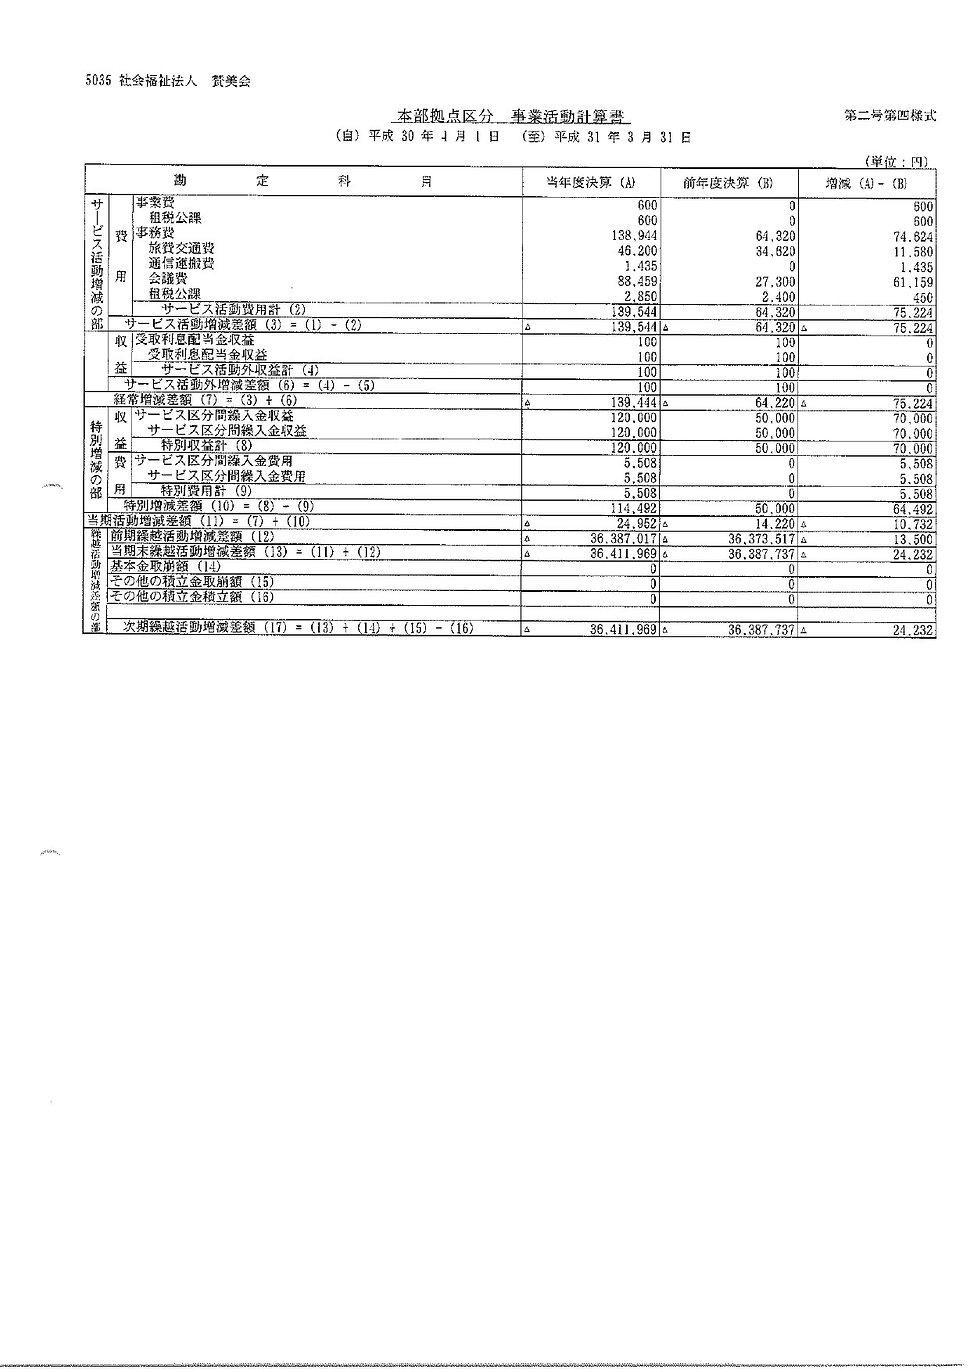 決算書①_page-0005.jpg